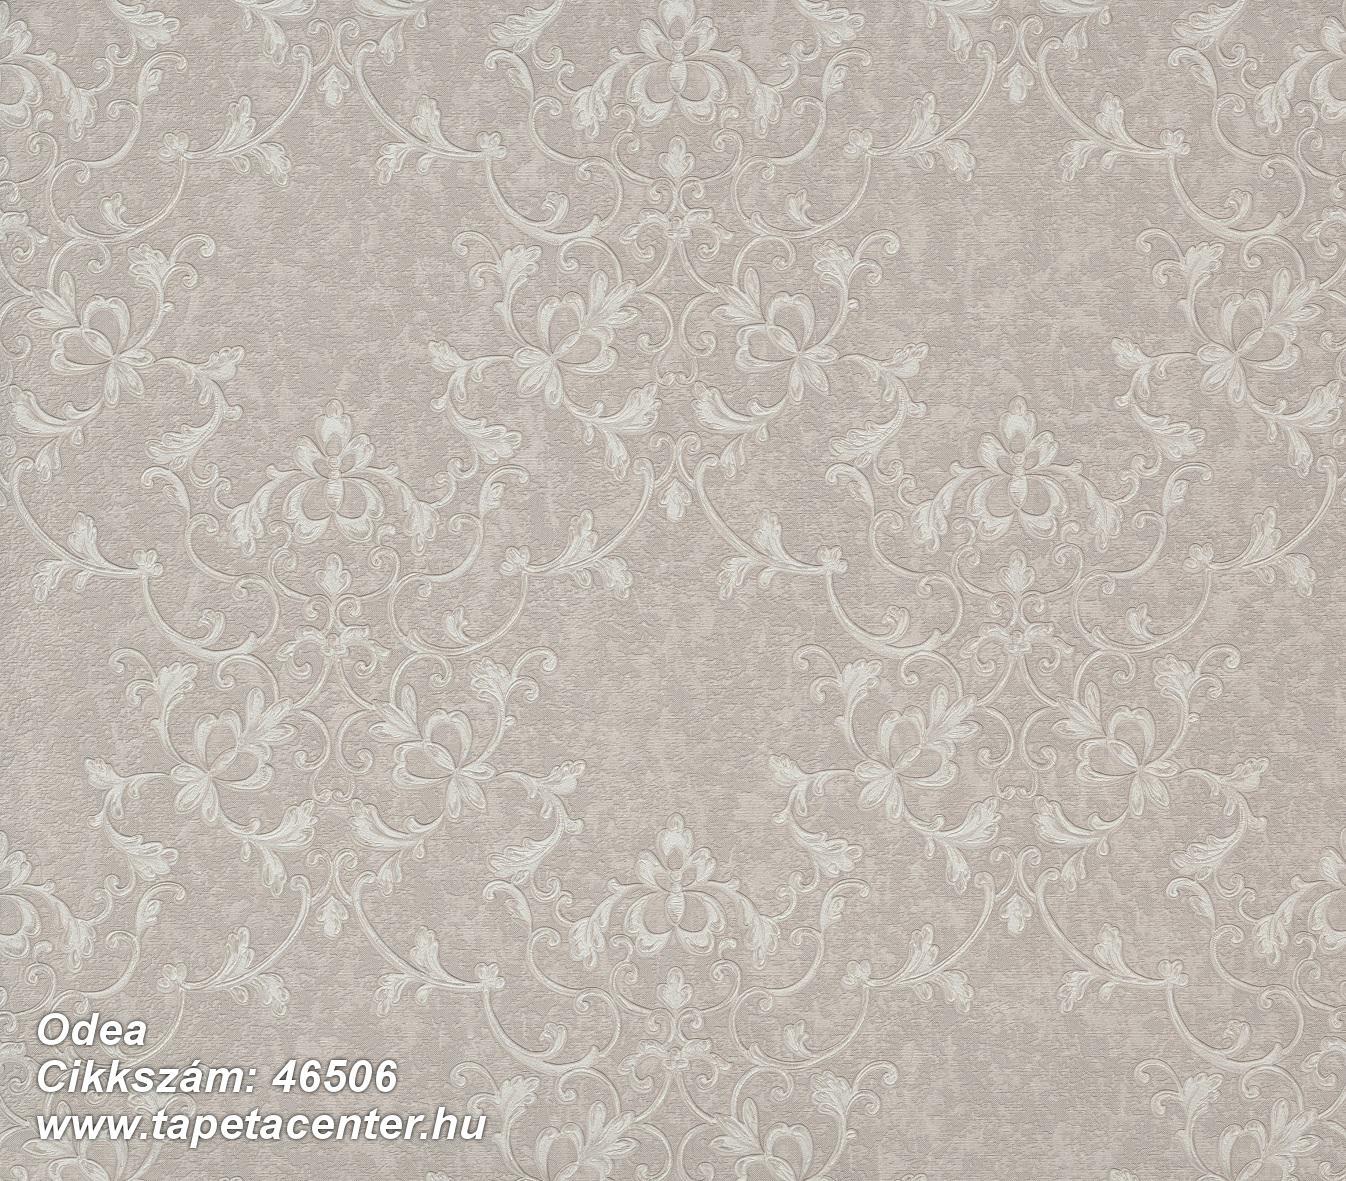 Odea - 46506 Olasz tapéta